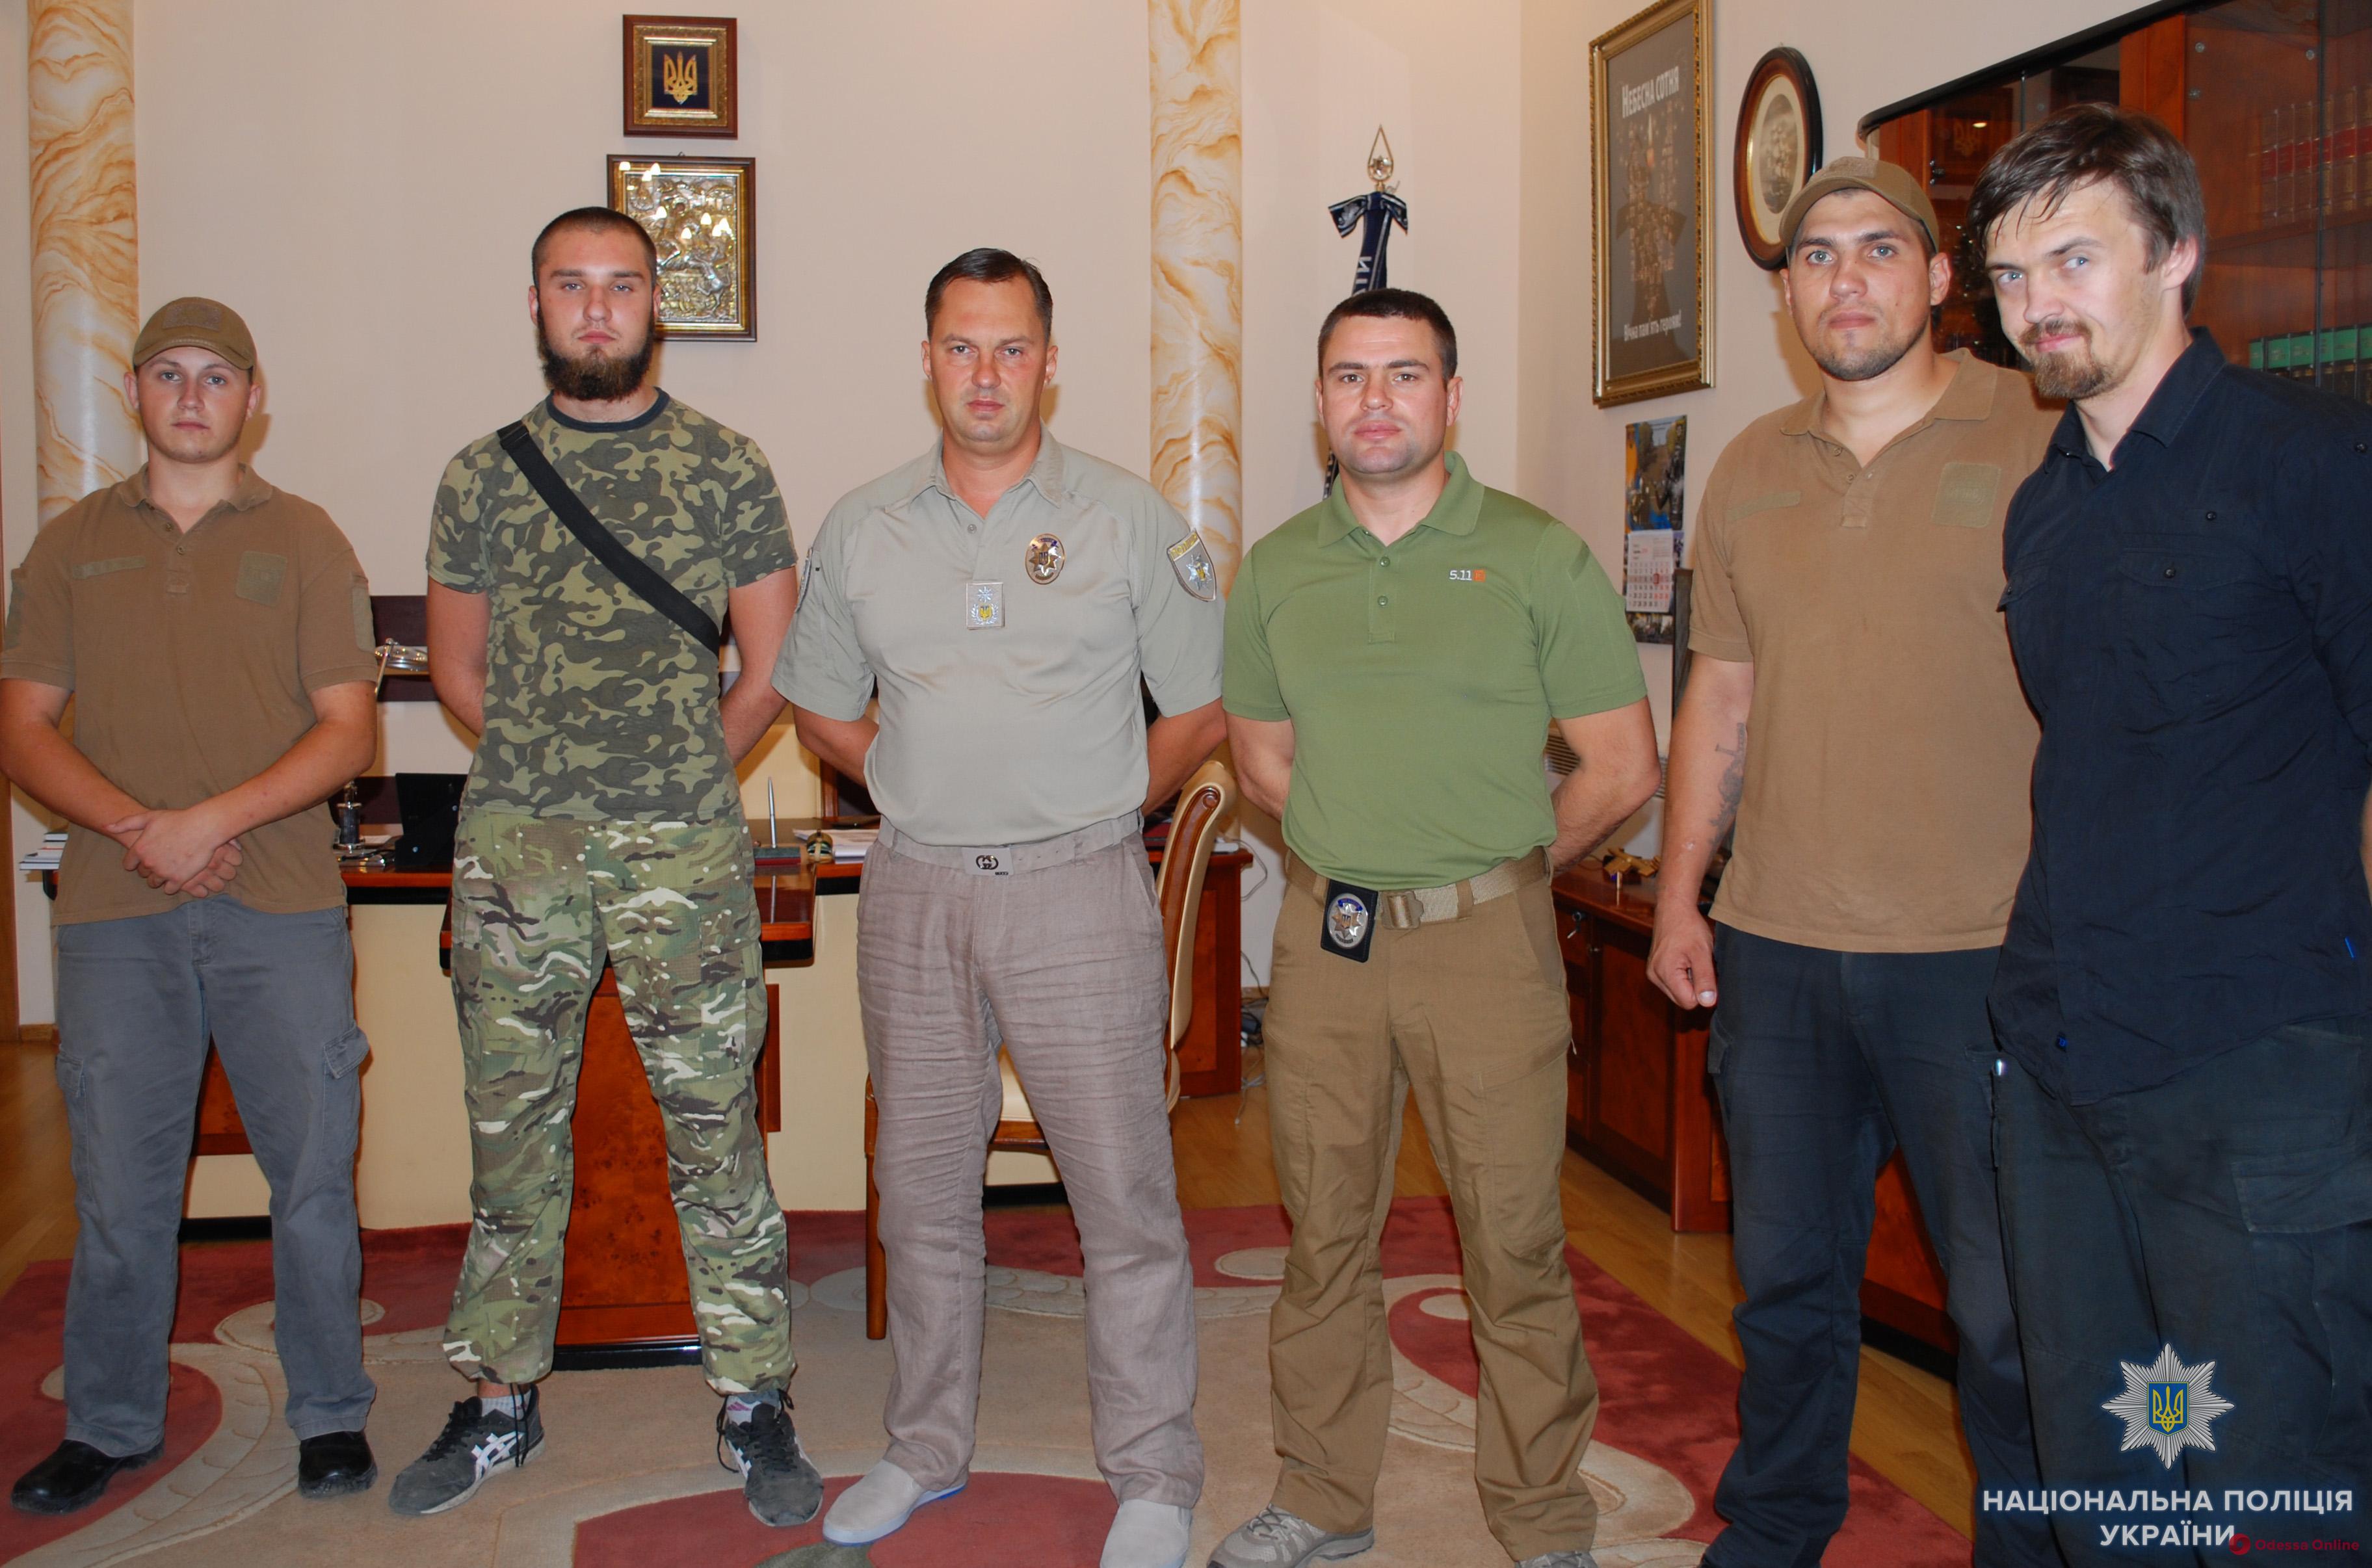 Полиция будет патрулировать Одессу вместе с общественными активистами